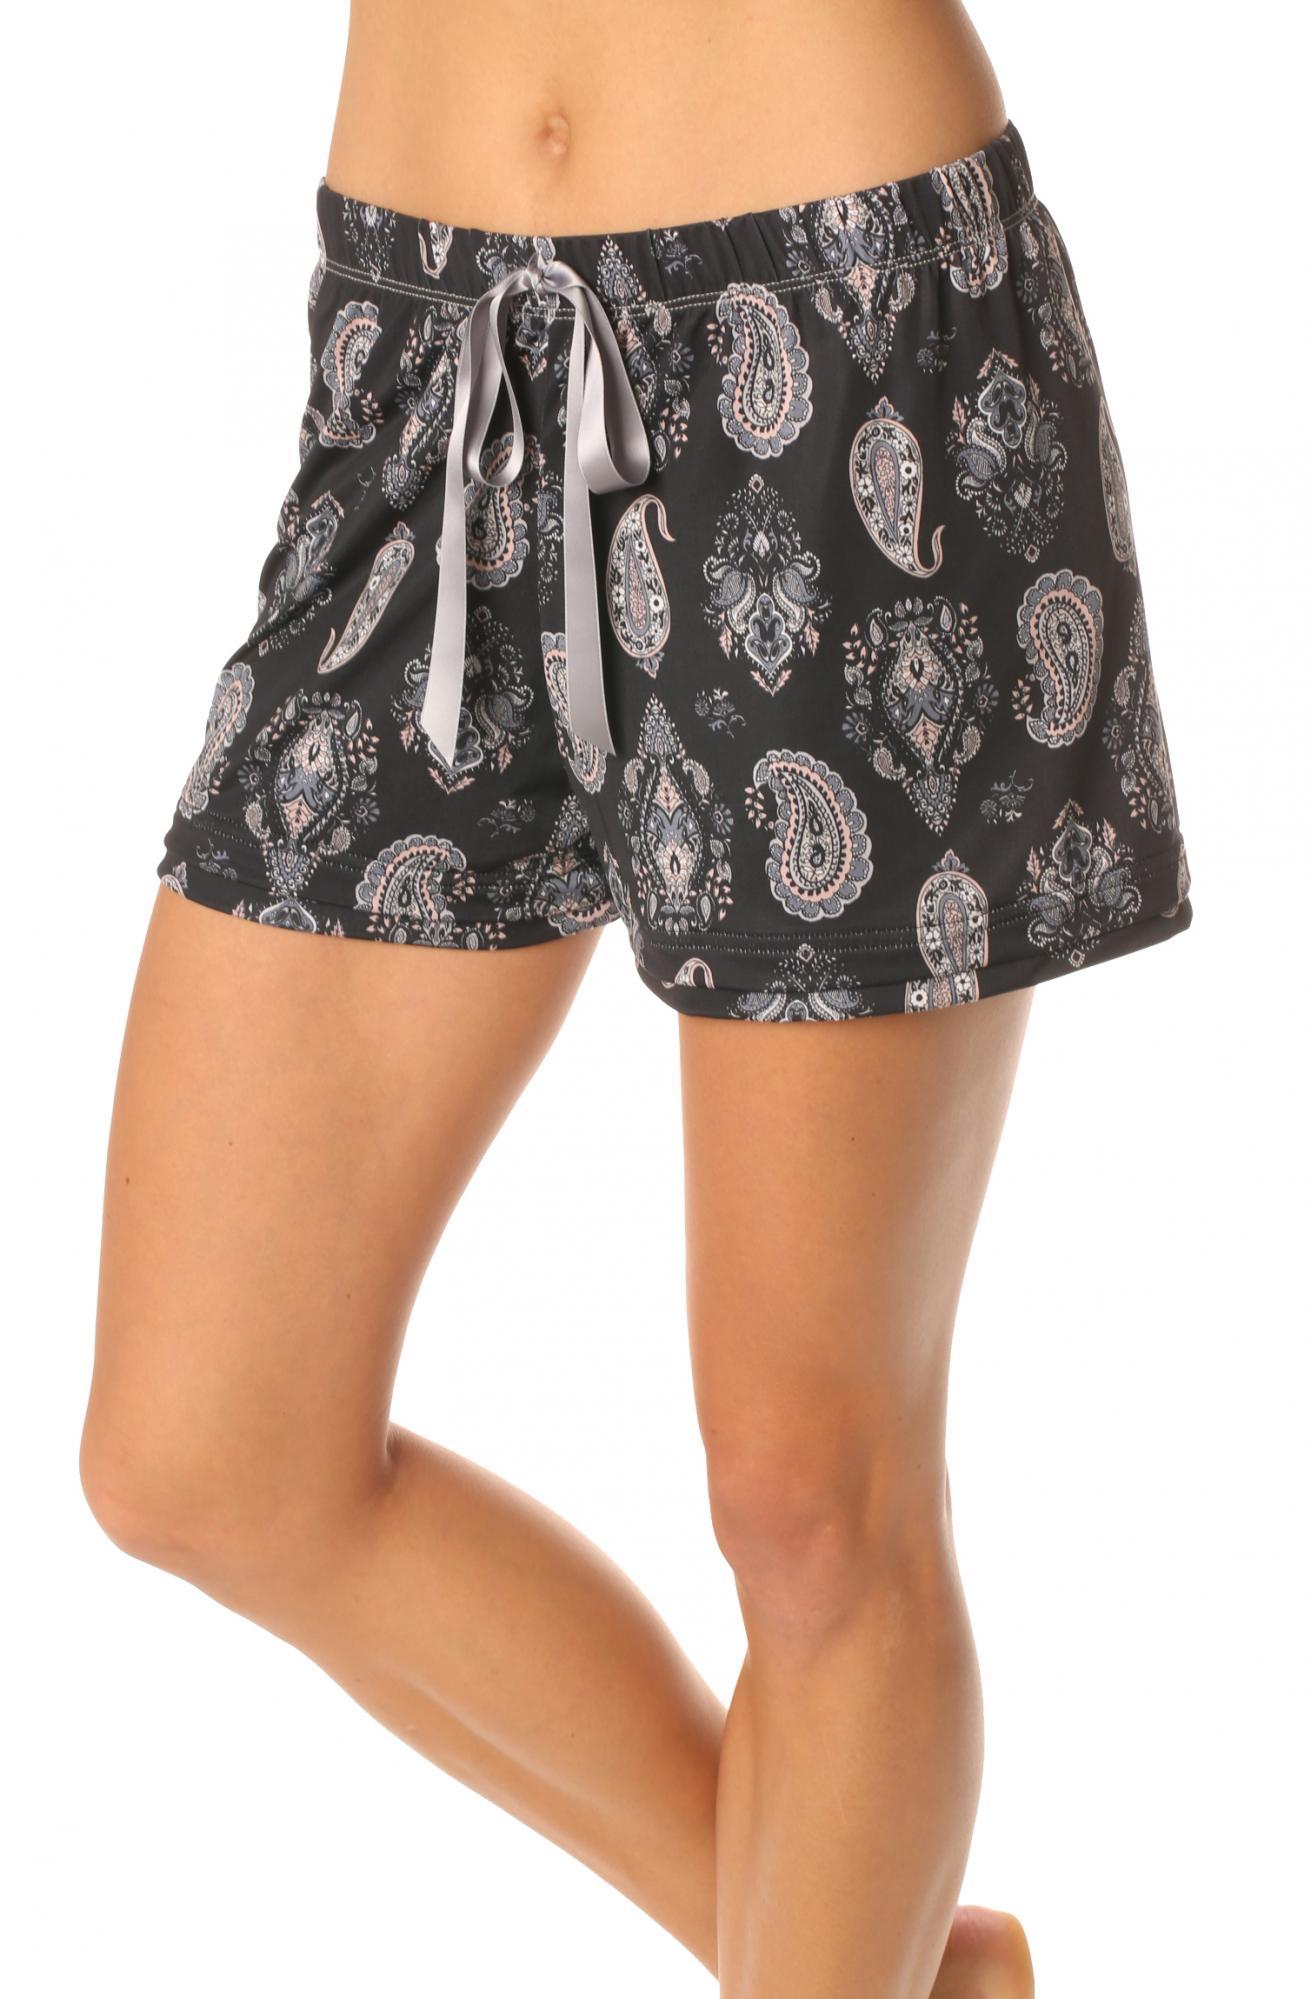 majamas-sunrise-nursing-boxer-set-oasis-amaya-shorts.jpg